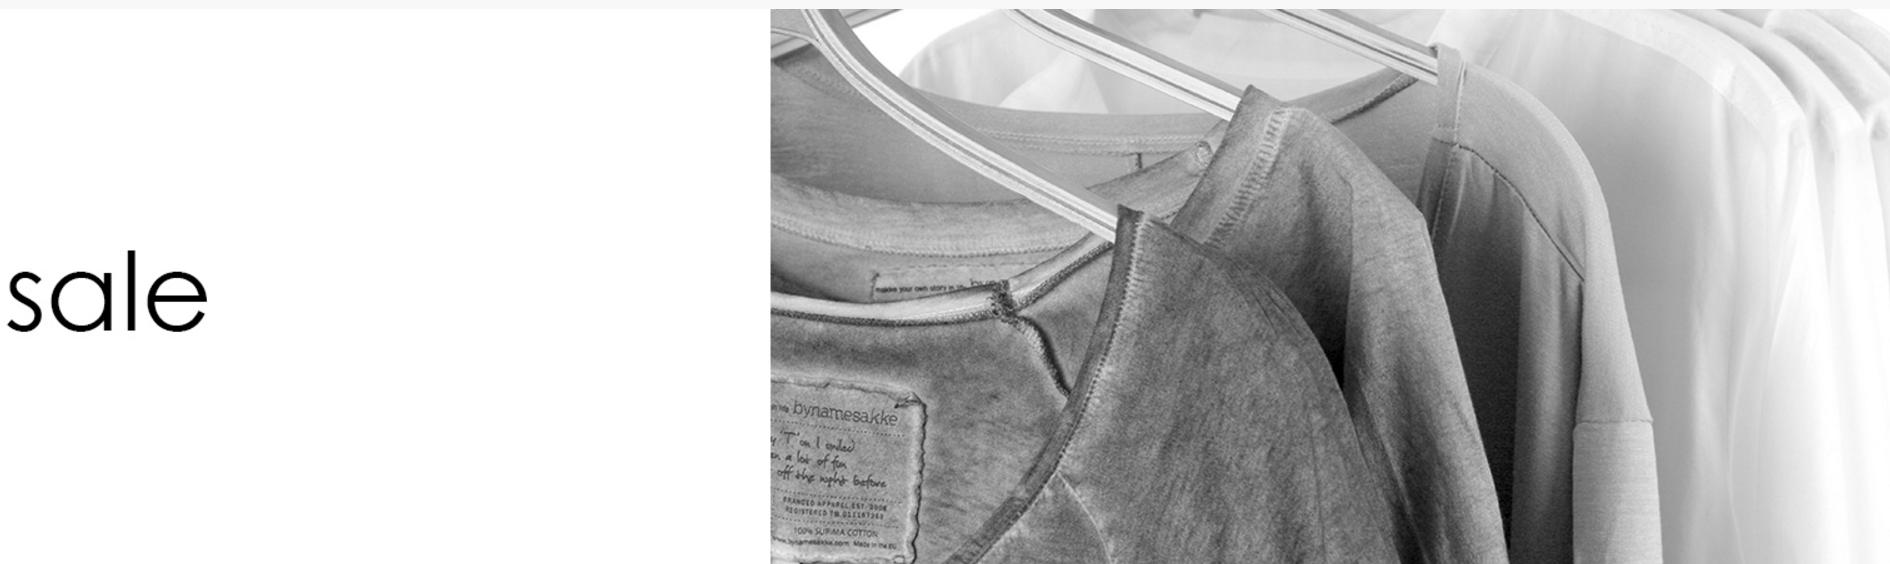 Bynamesakke: wyprzedaż do 50% zniżki na odzież dla kobiet                         title=